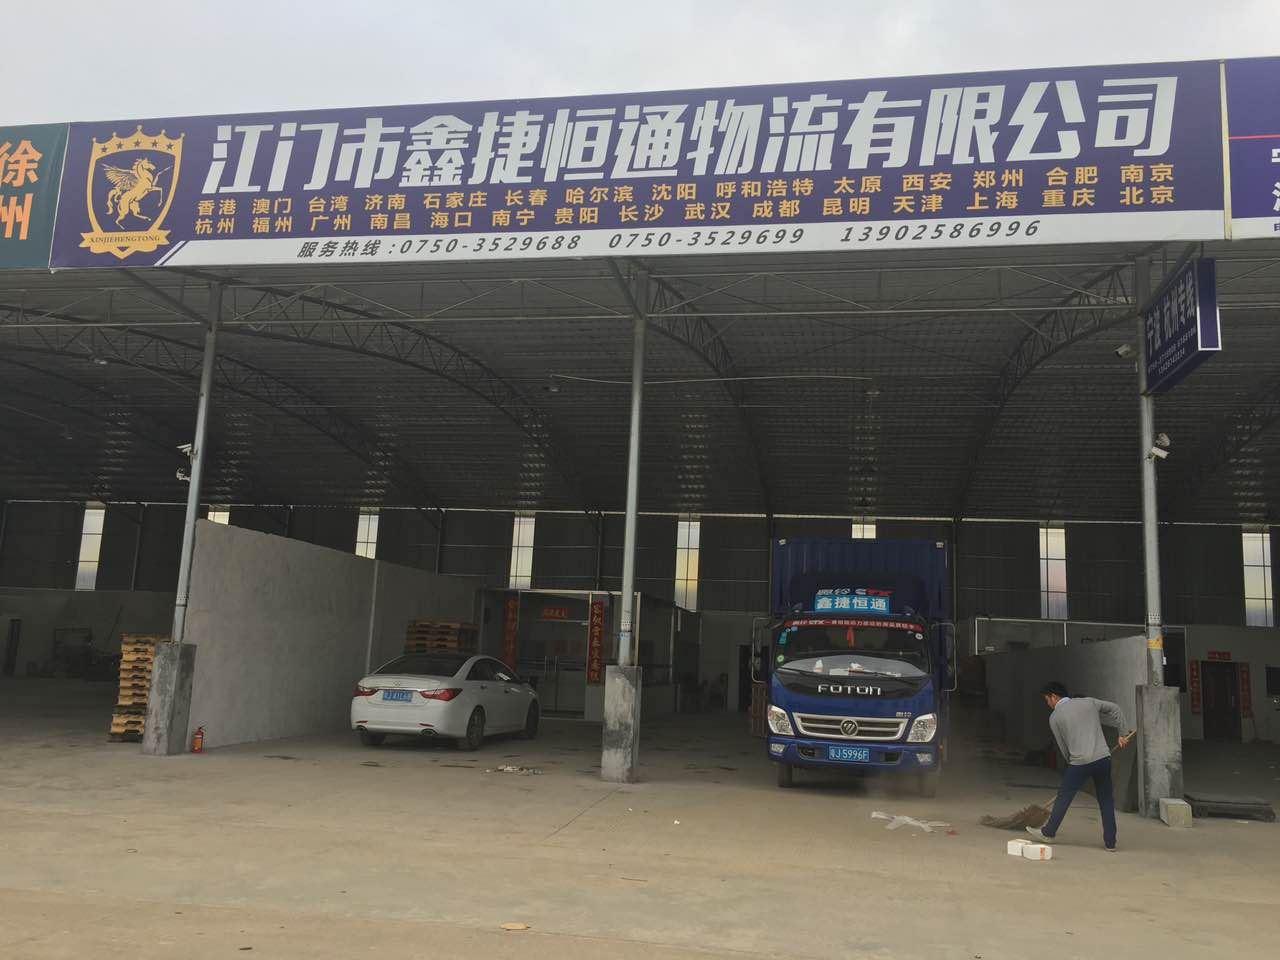 江门到合肥物流专线(江门市鑫捷恒通物流有限公司)